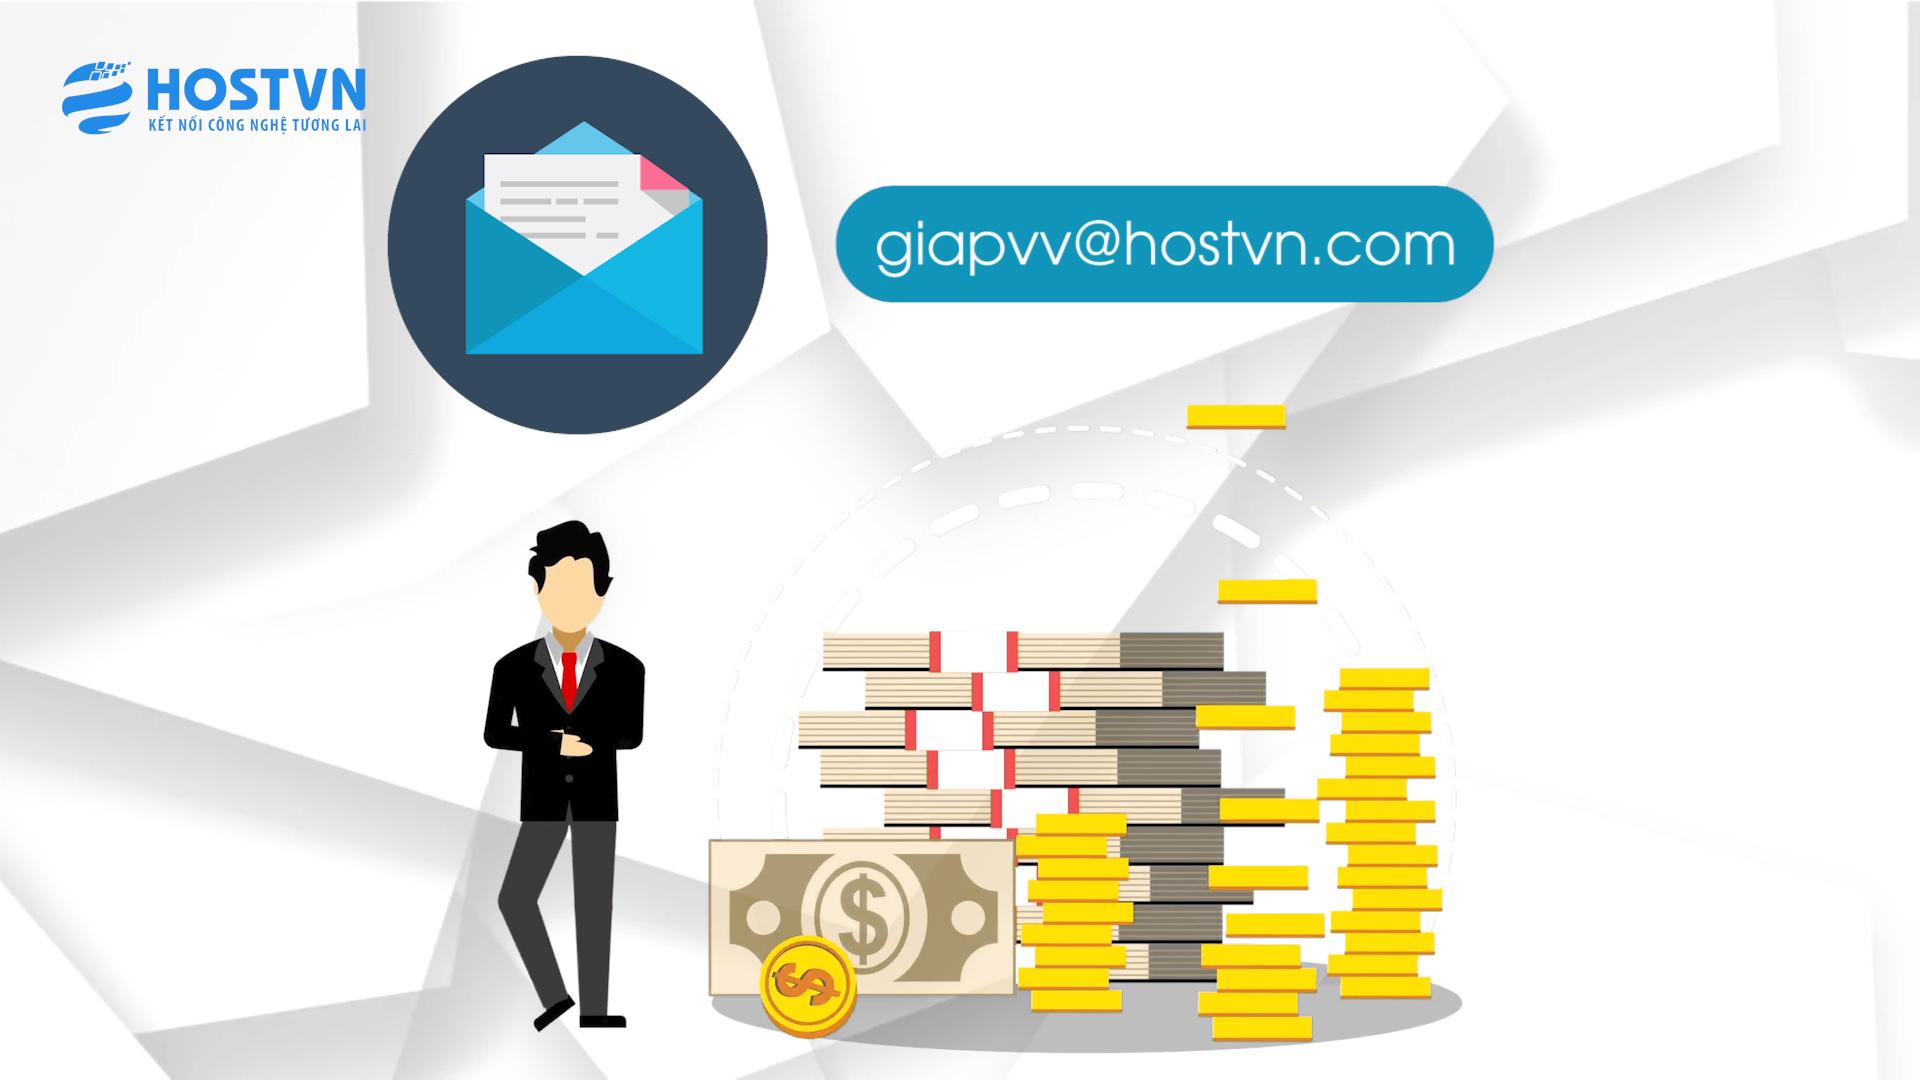 Địa chỉ email mang tên miền mang thương hiệu của doanh nghiệp